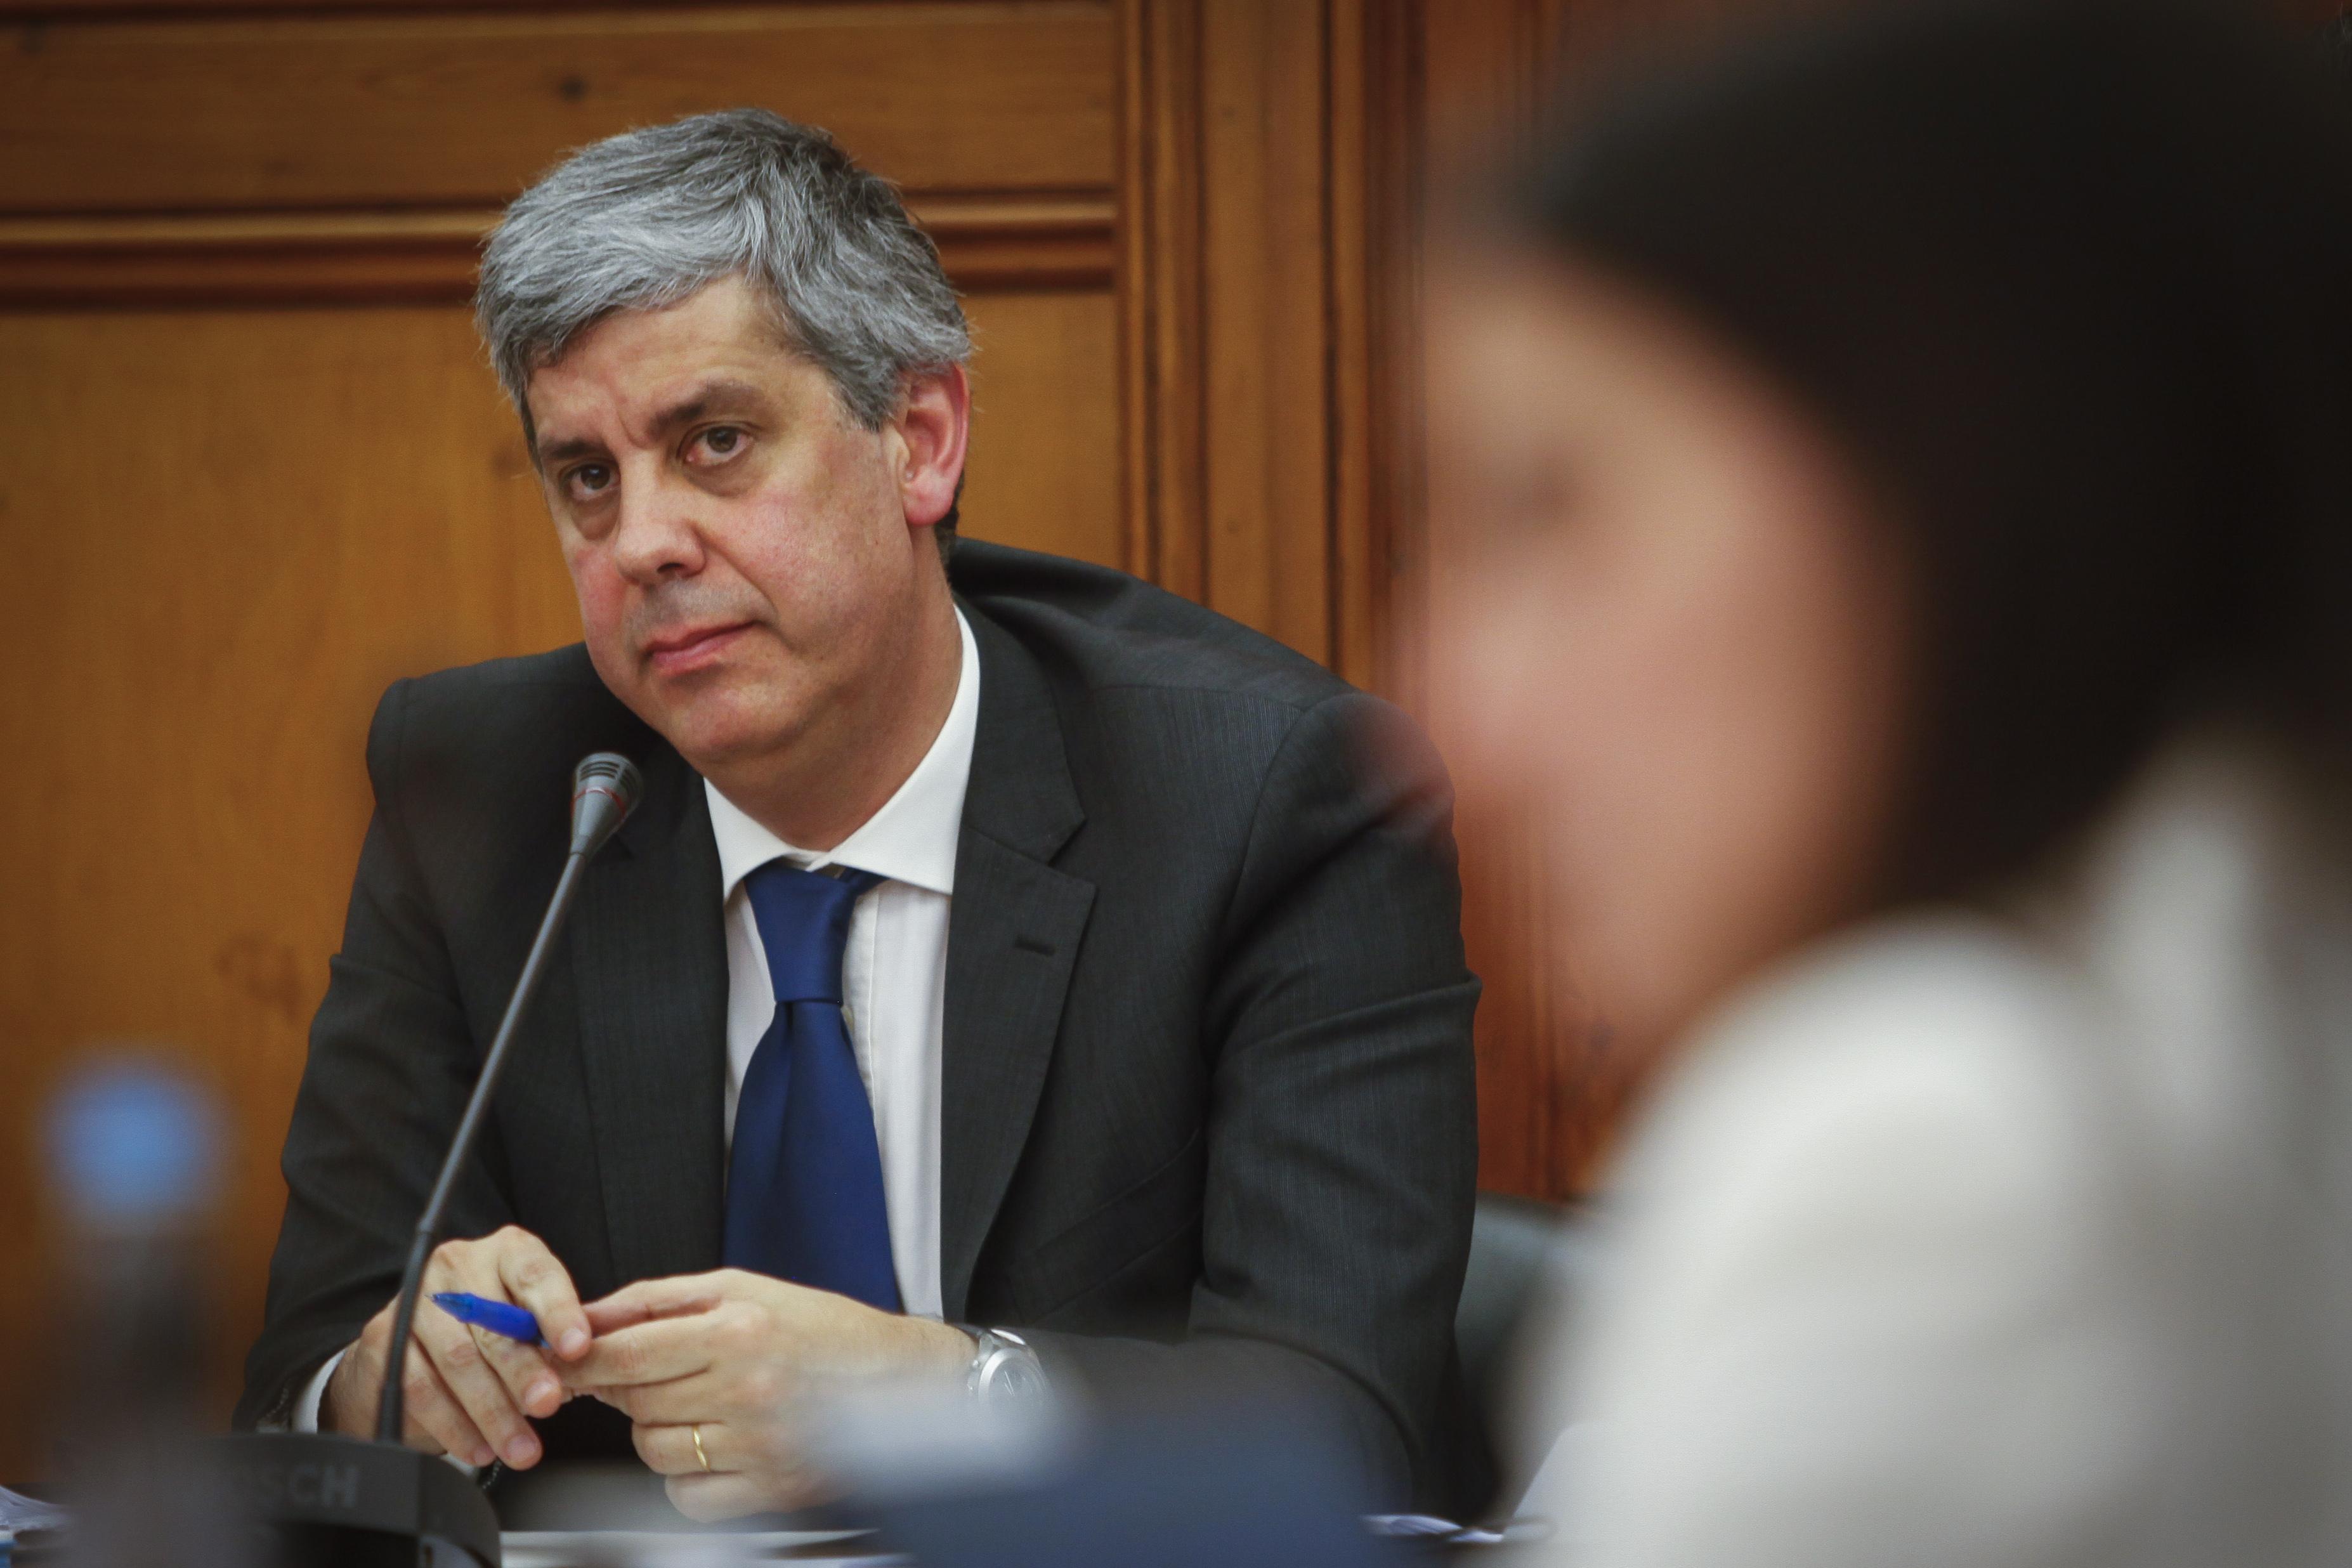 Finanças convocam hospitais para reunião sem o Ministério da Saúde